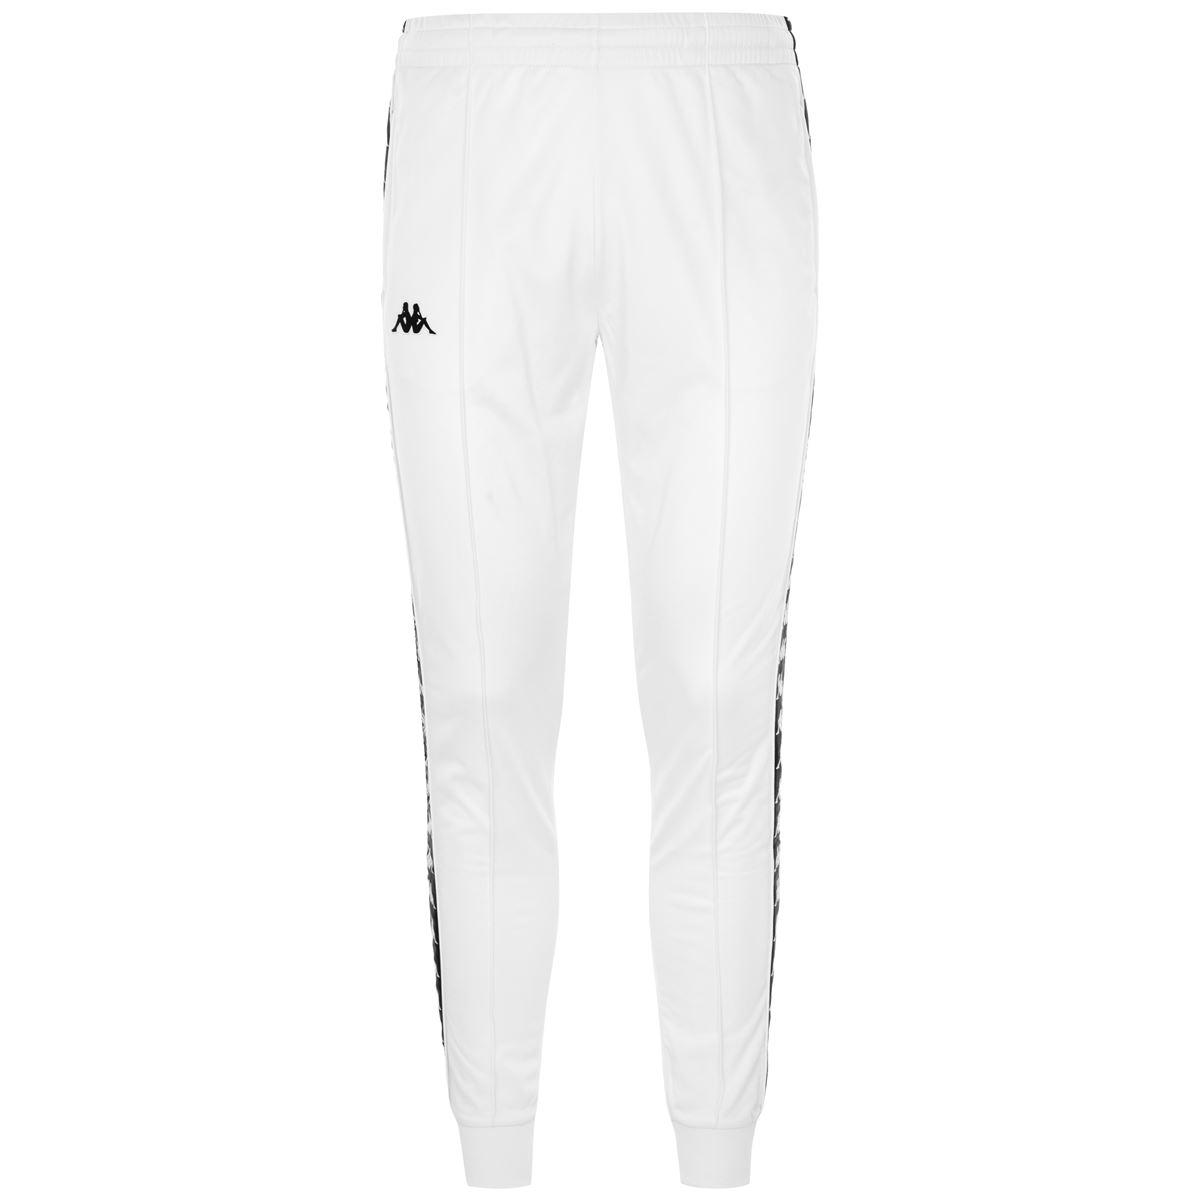 Kappa Pantaloni uomo-303KUC0